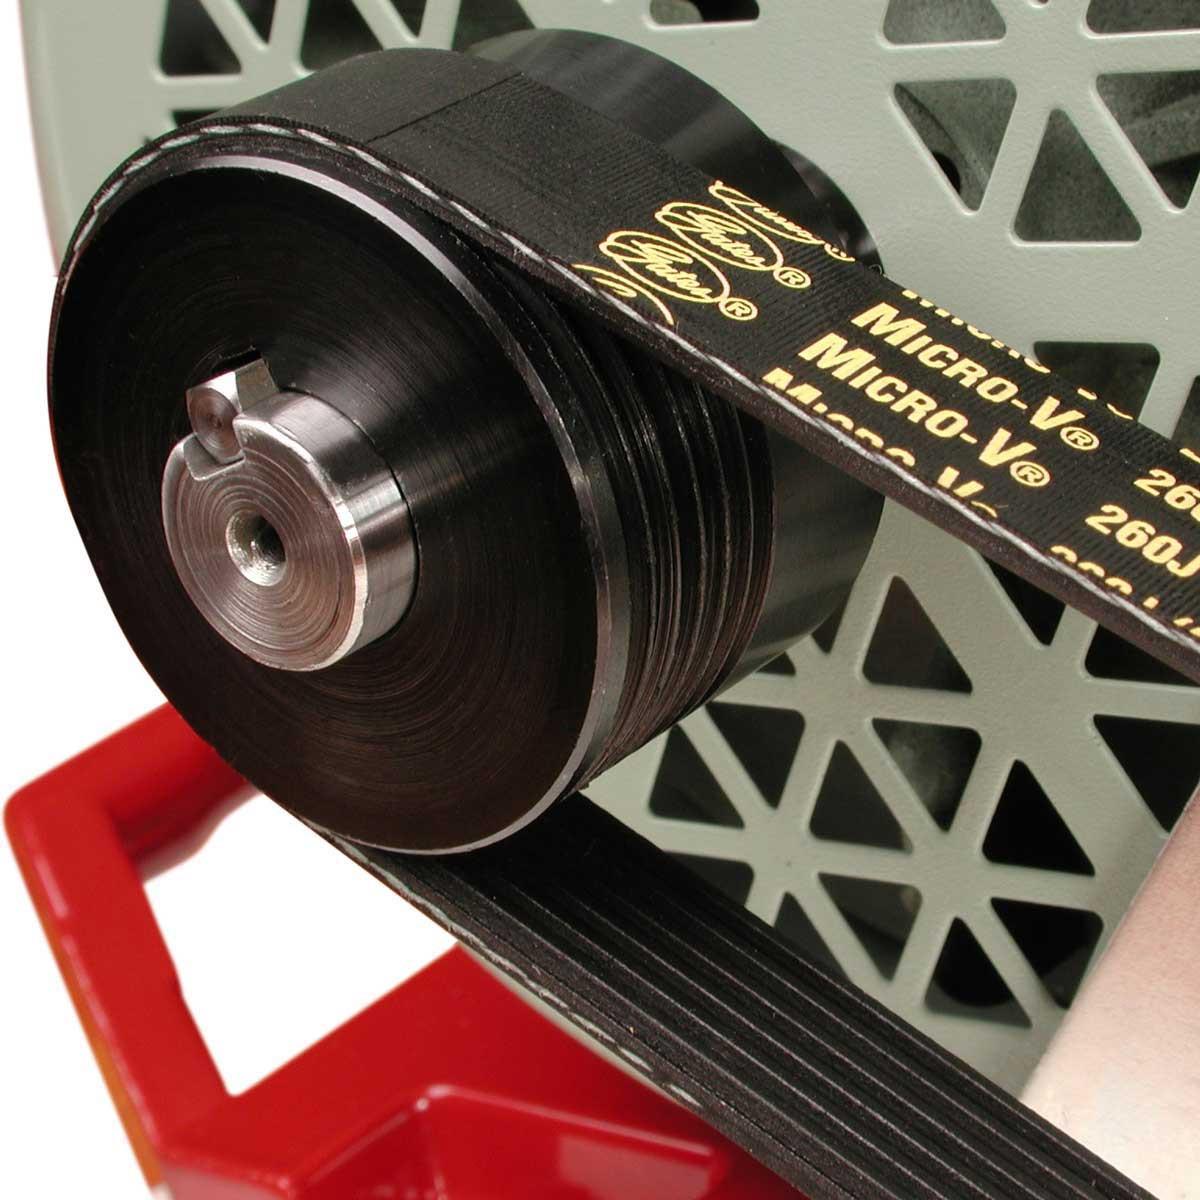 MK tie saw belt driven motor